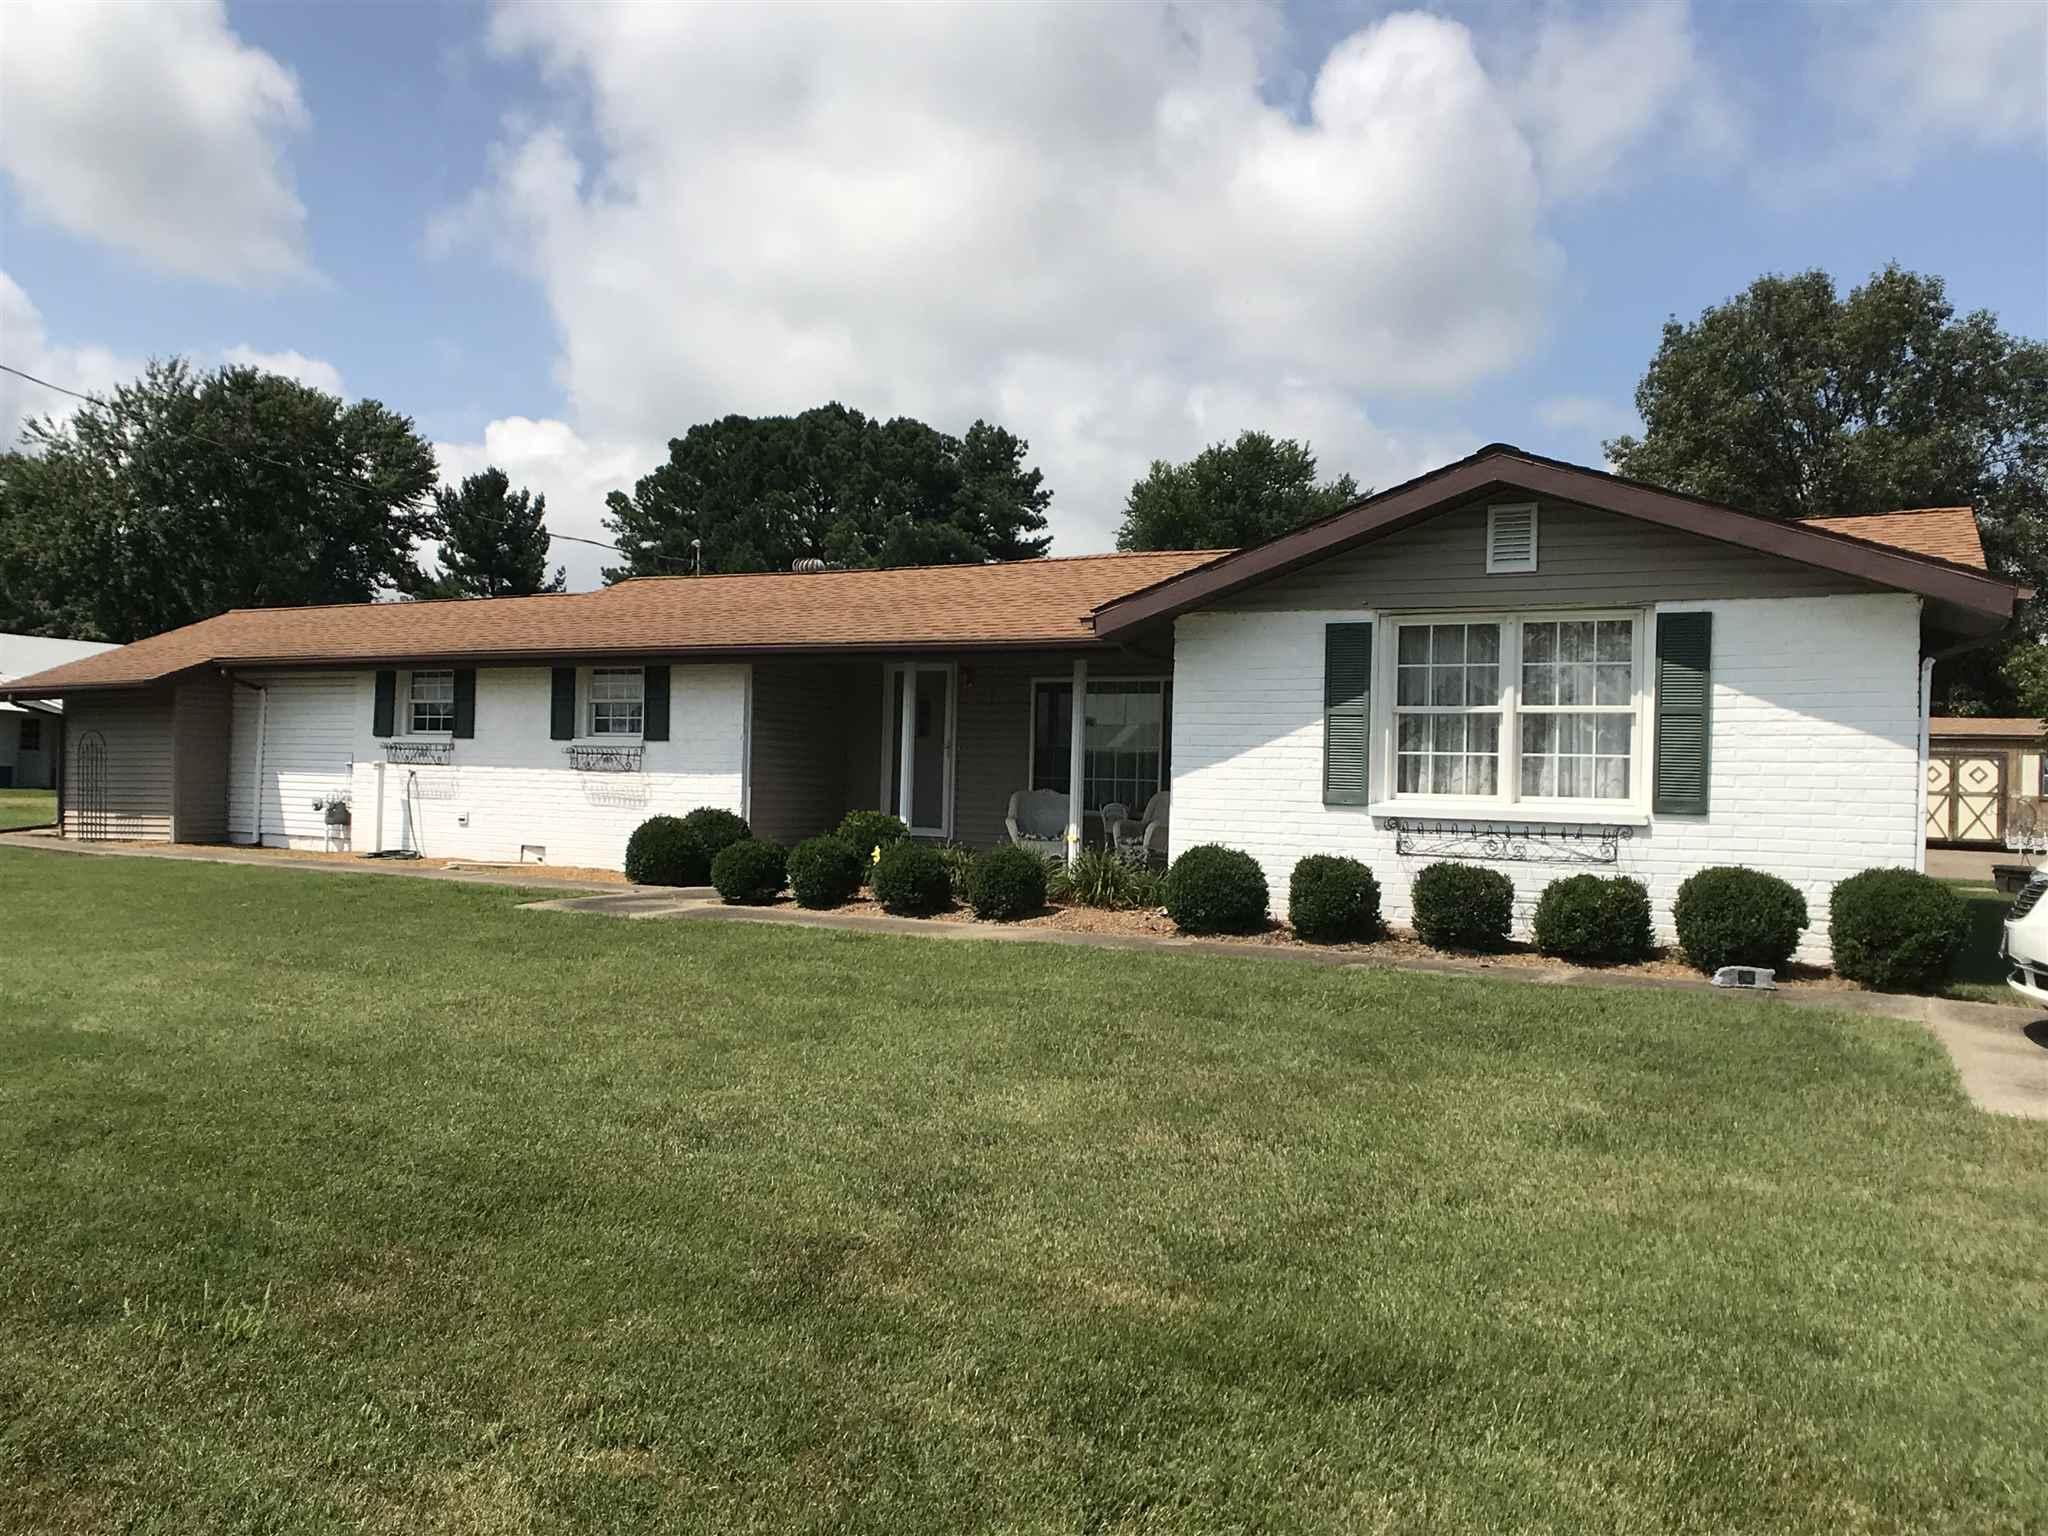 3325 RALEIGH Property Photo - Eldorado, IL real estate listing